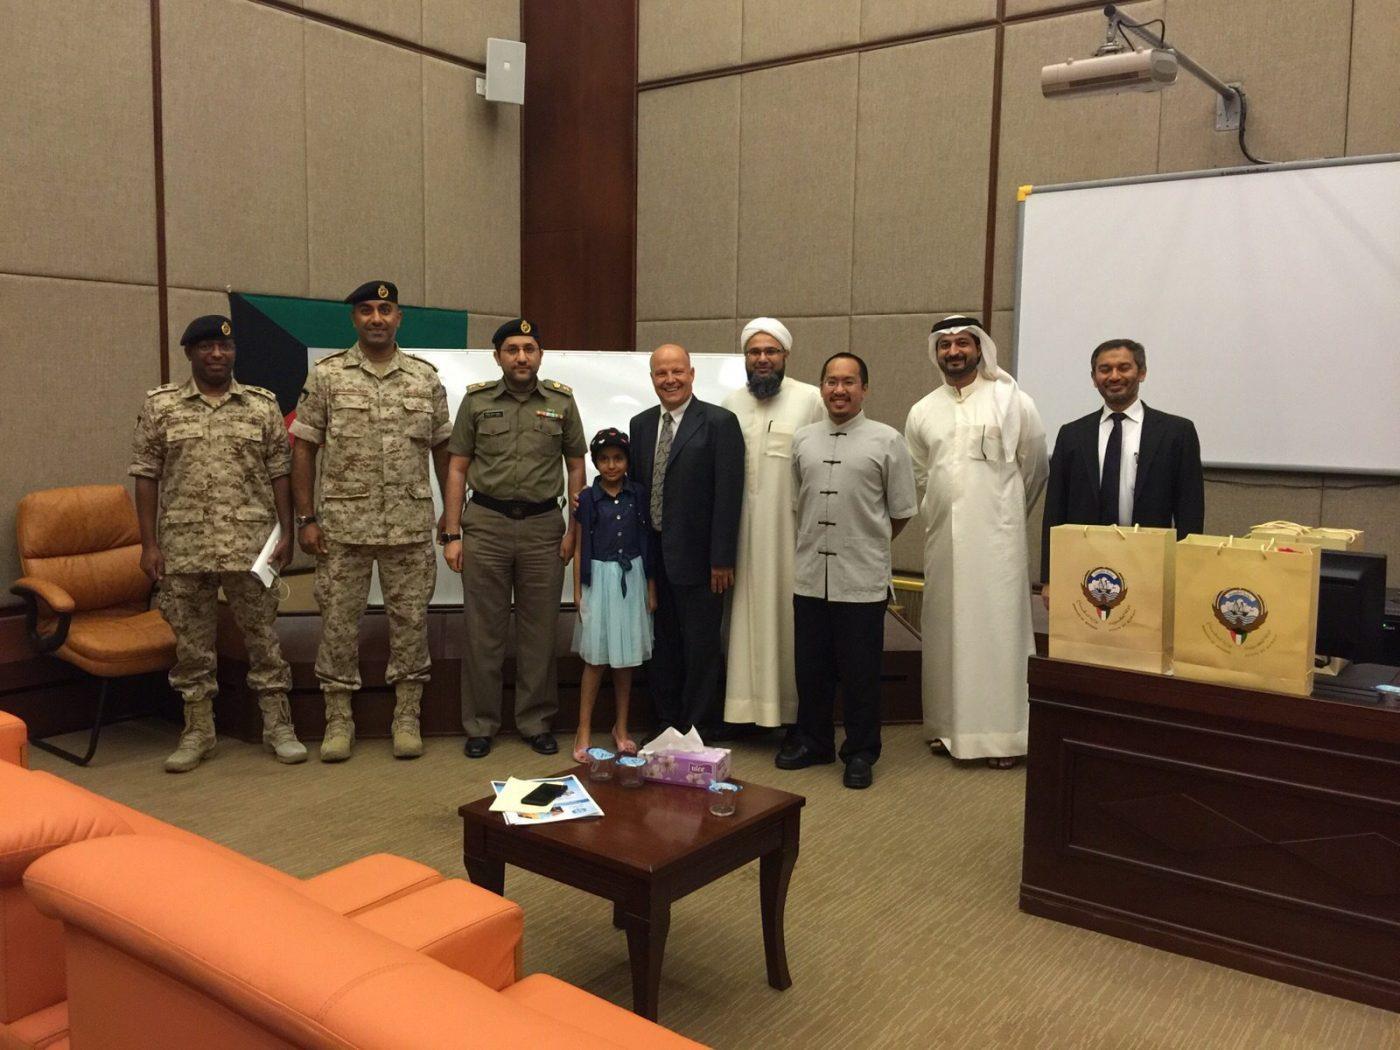 Opportunity At Ahmadi Hospital Kuwait – Wonderful Image Gallery